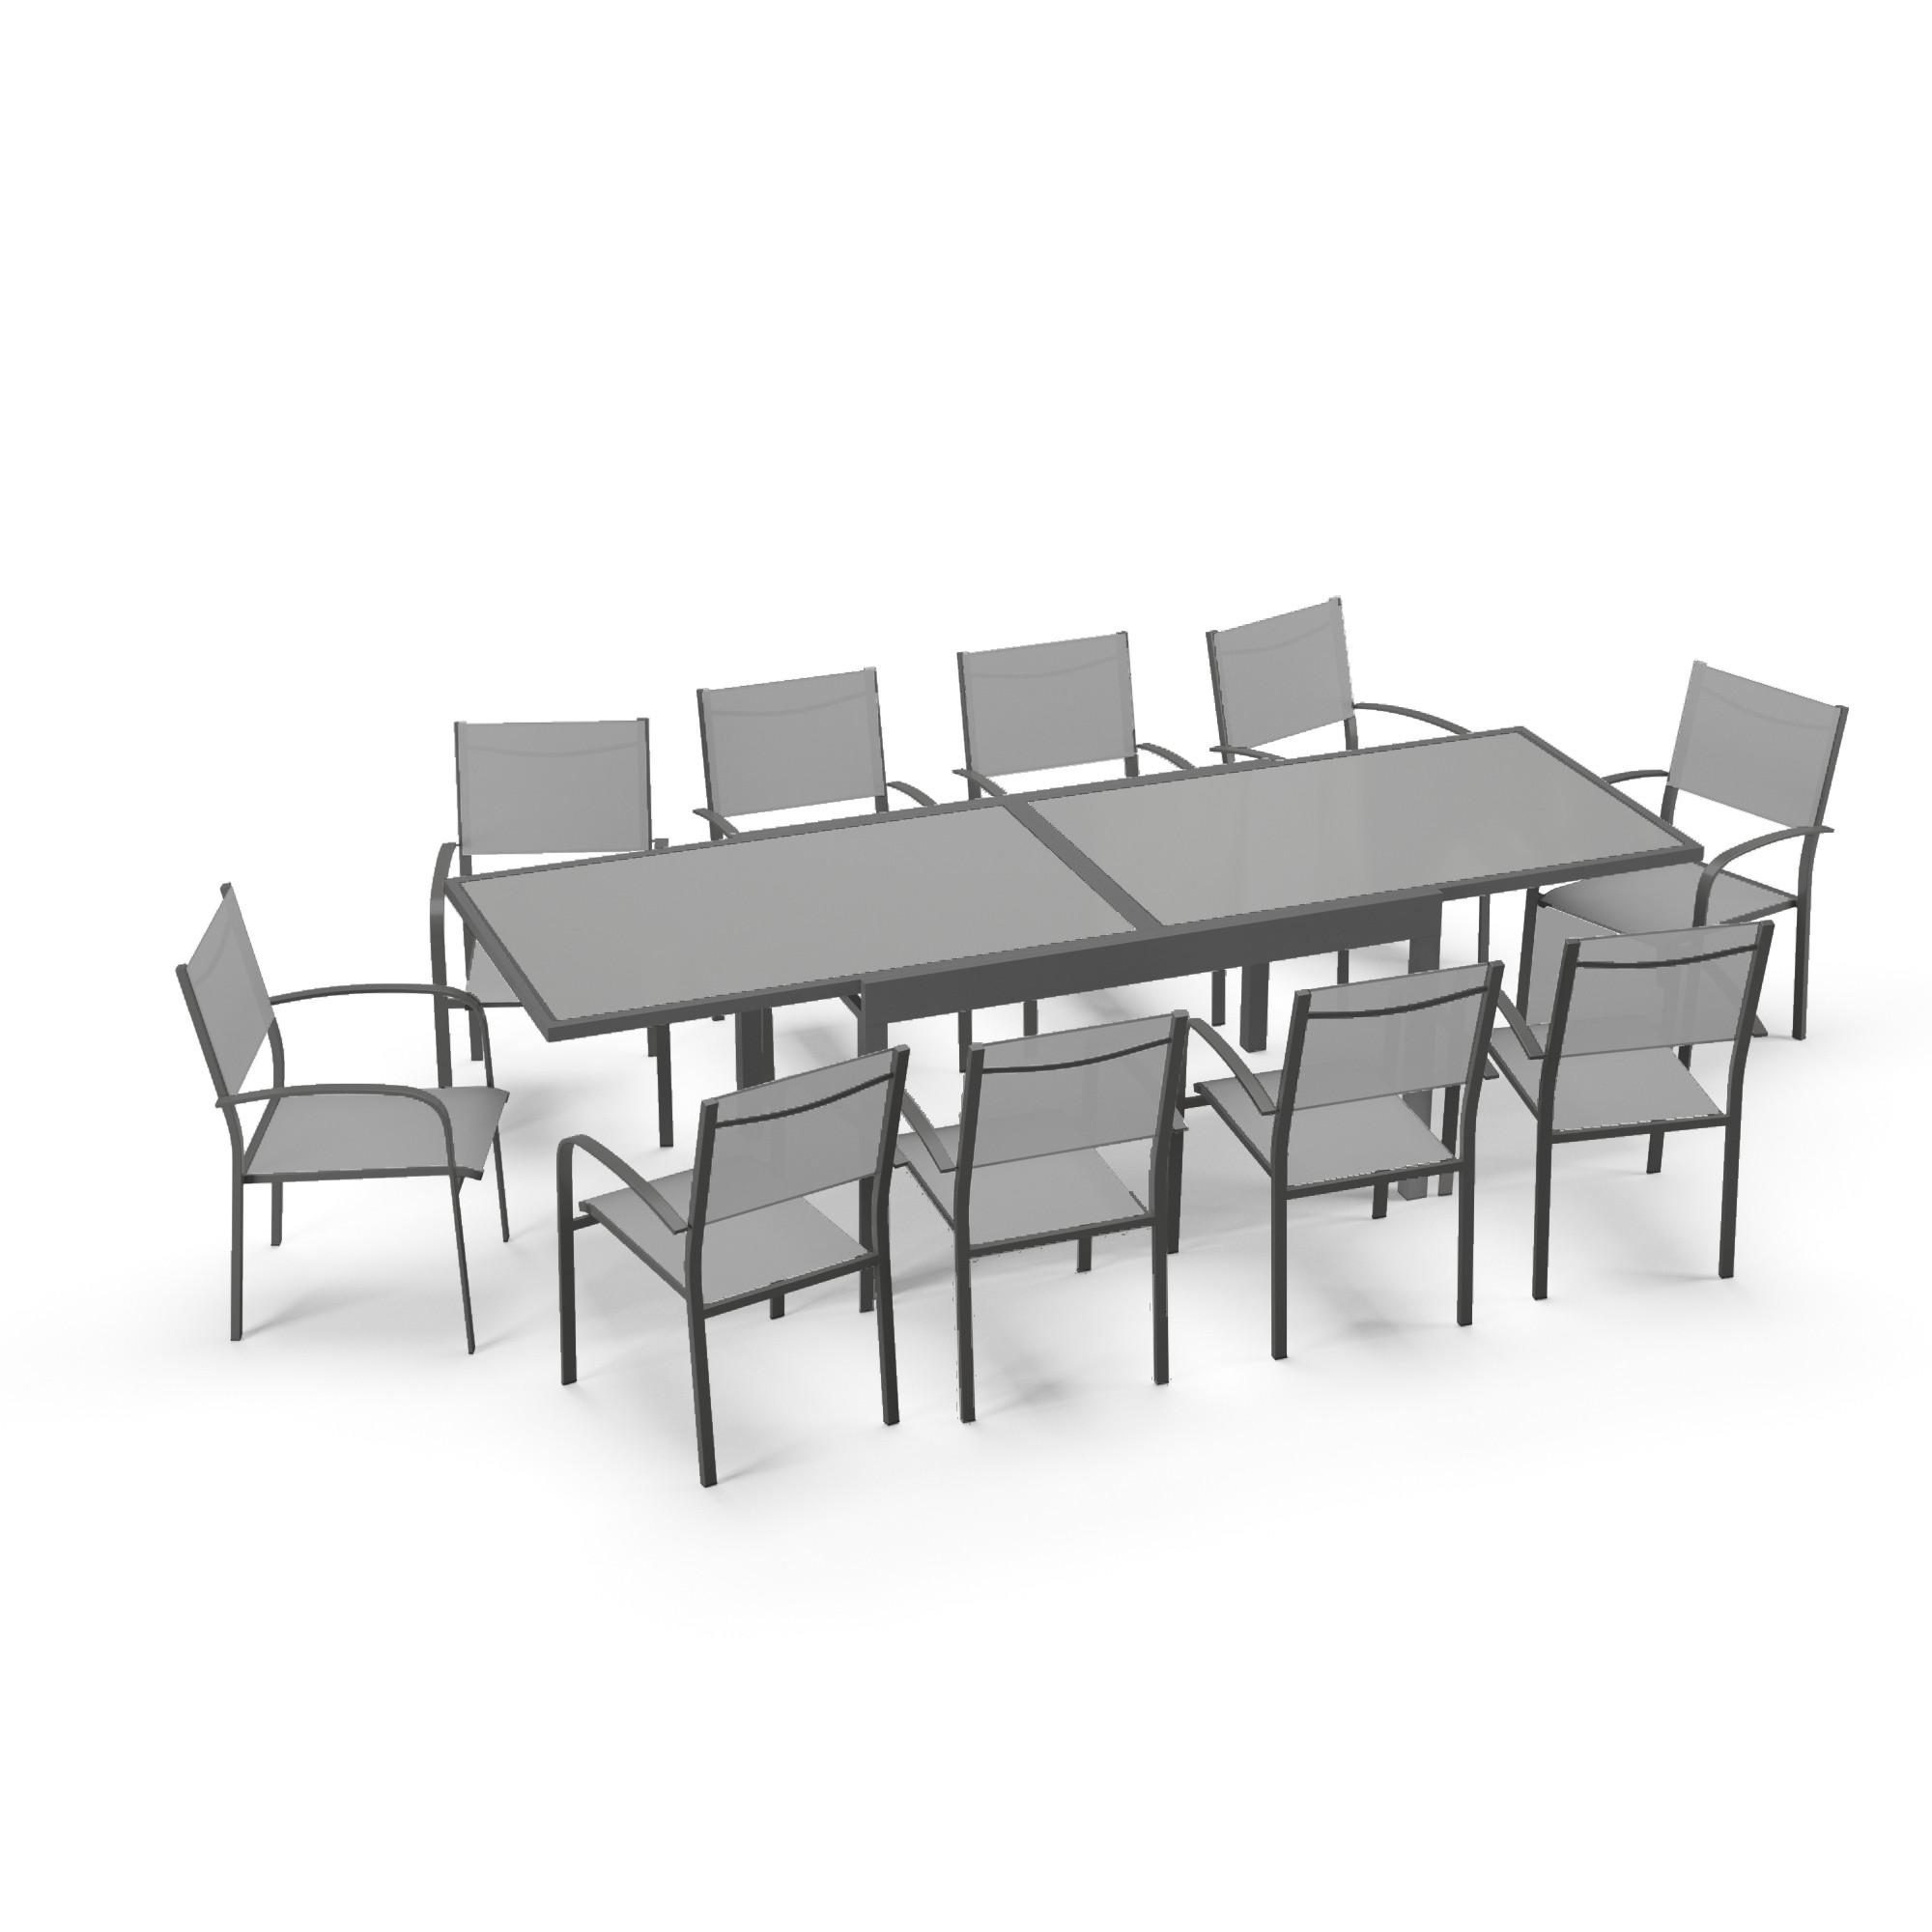 maison du monde Table de jardin extensible 10 places en aluminium anthracite et gris